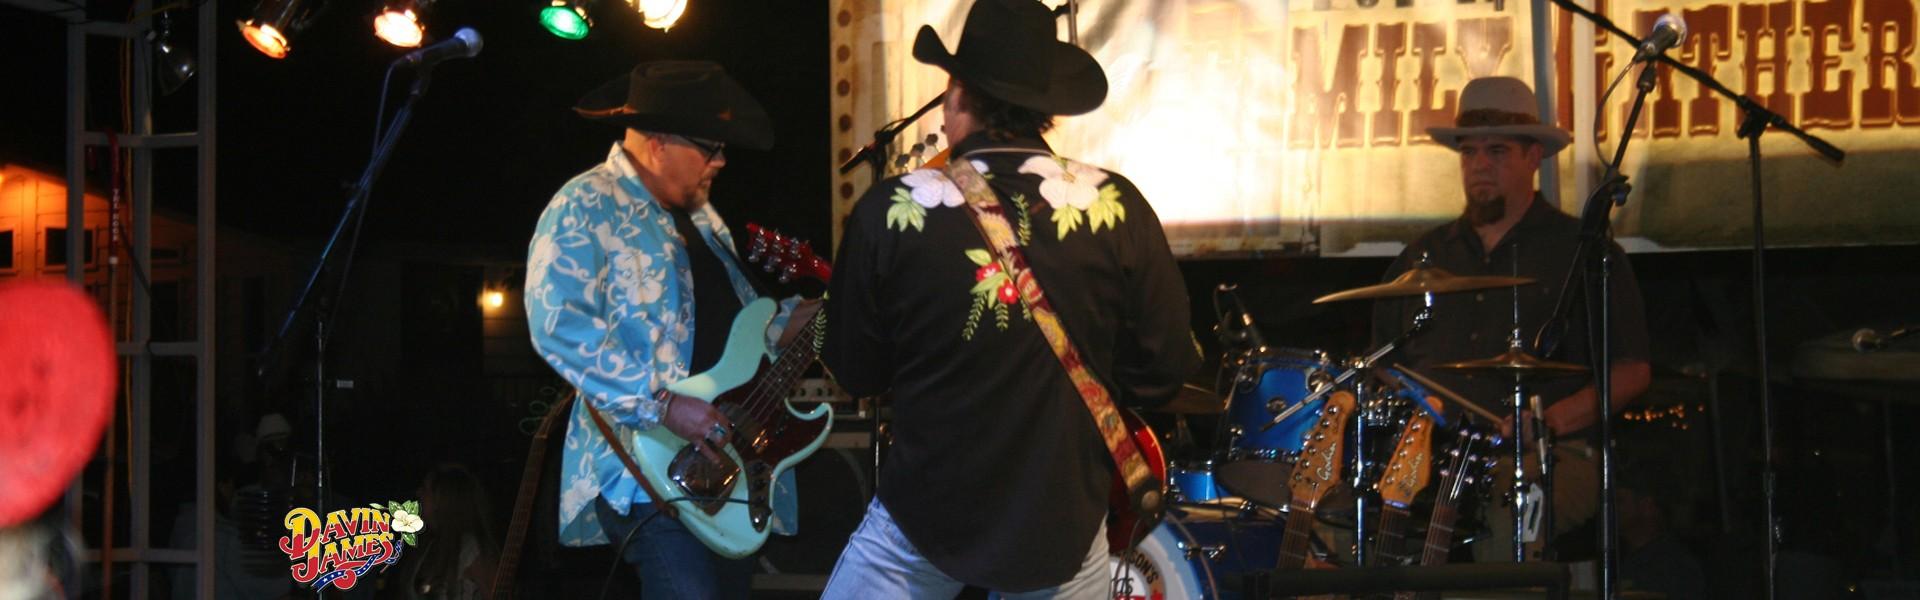 Davin James & The Bullnettle Band